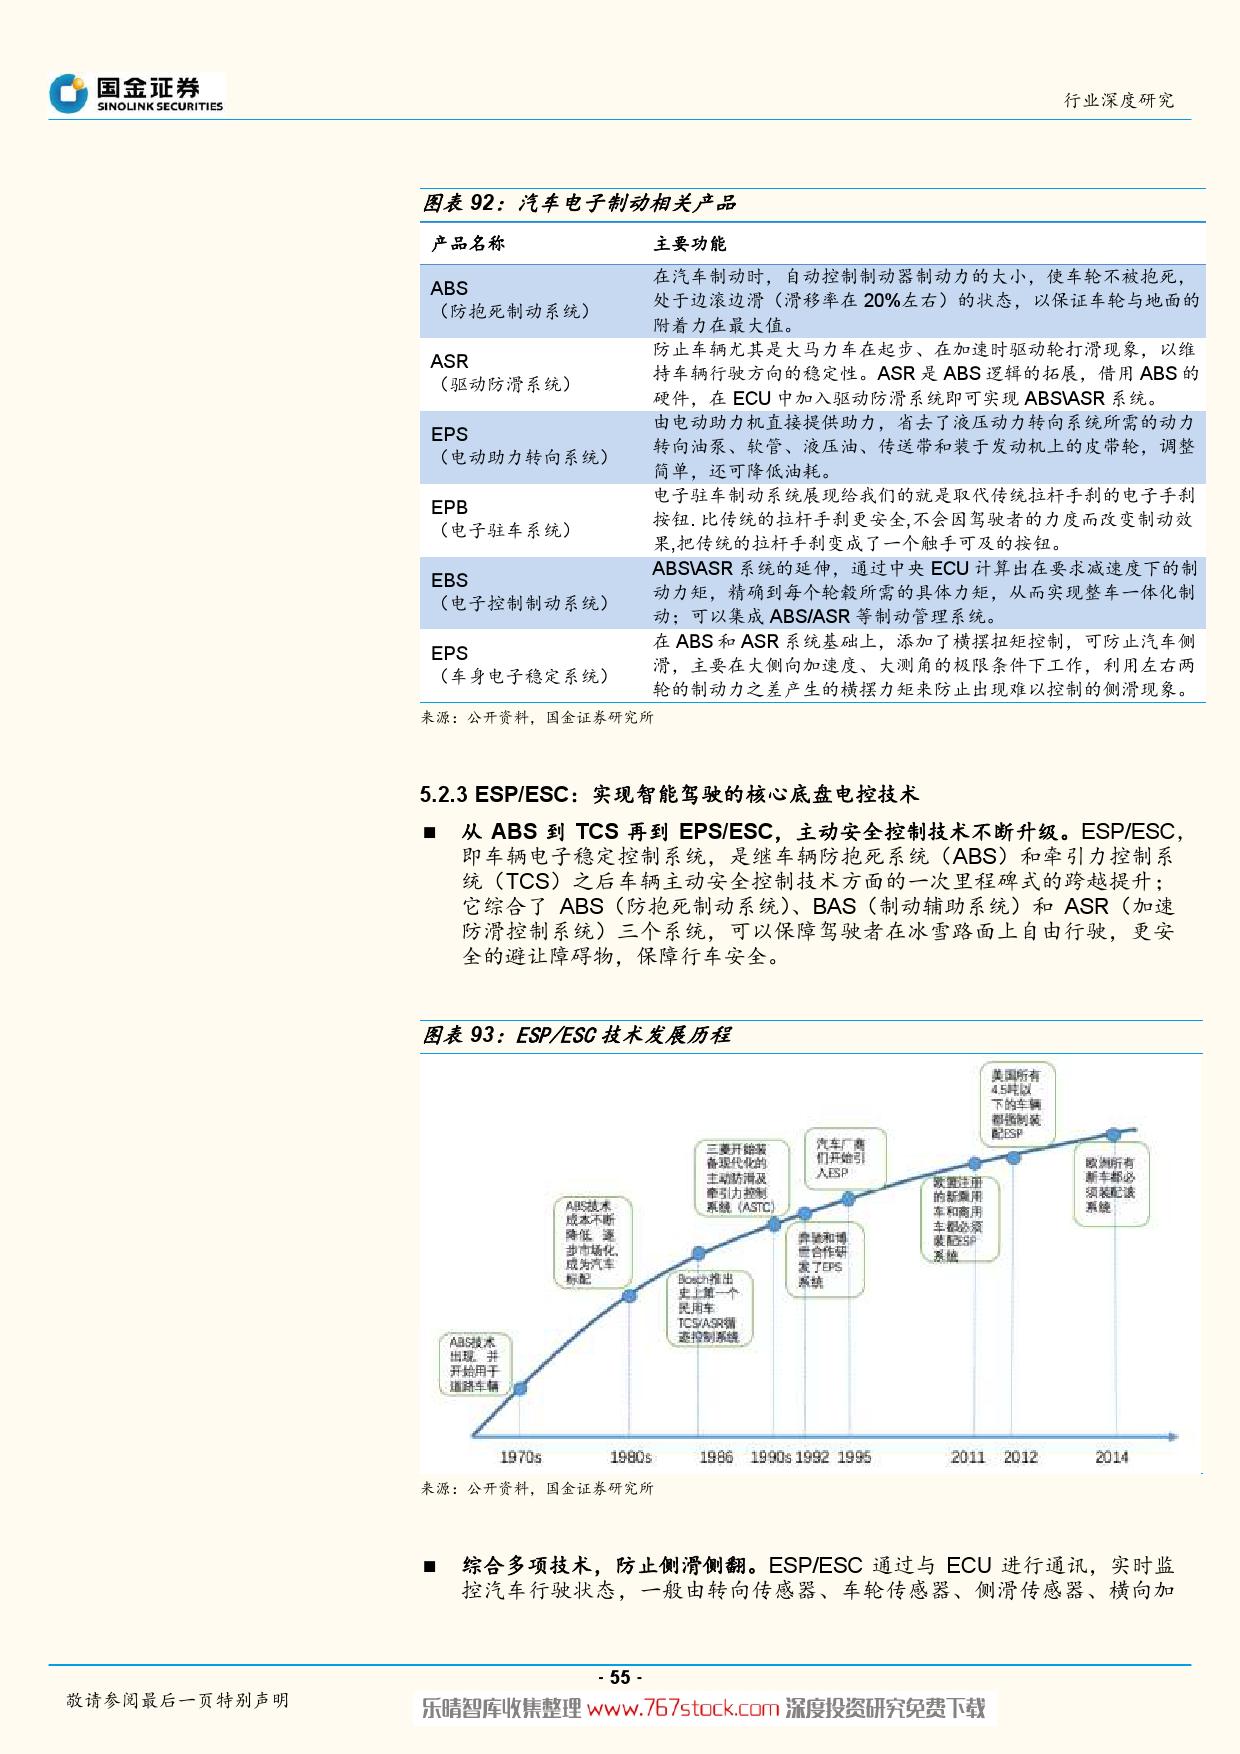 特斯拉产业系列深度报告-智能驾驶爆发在即_000055